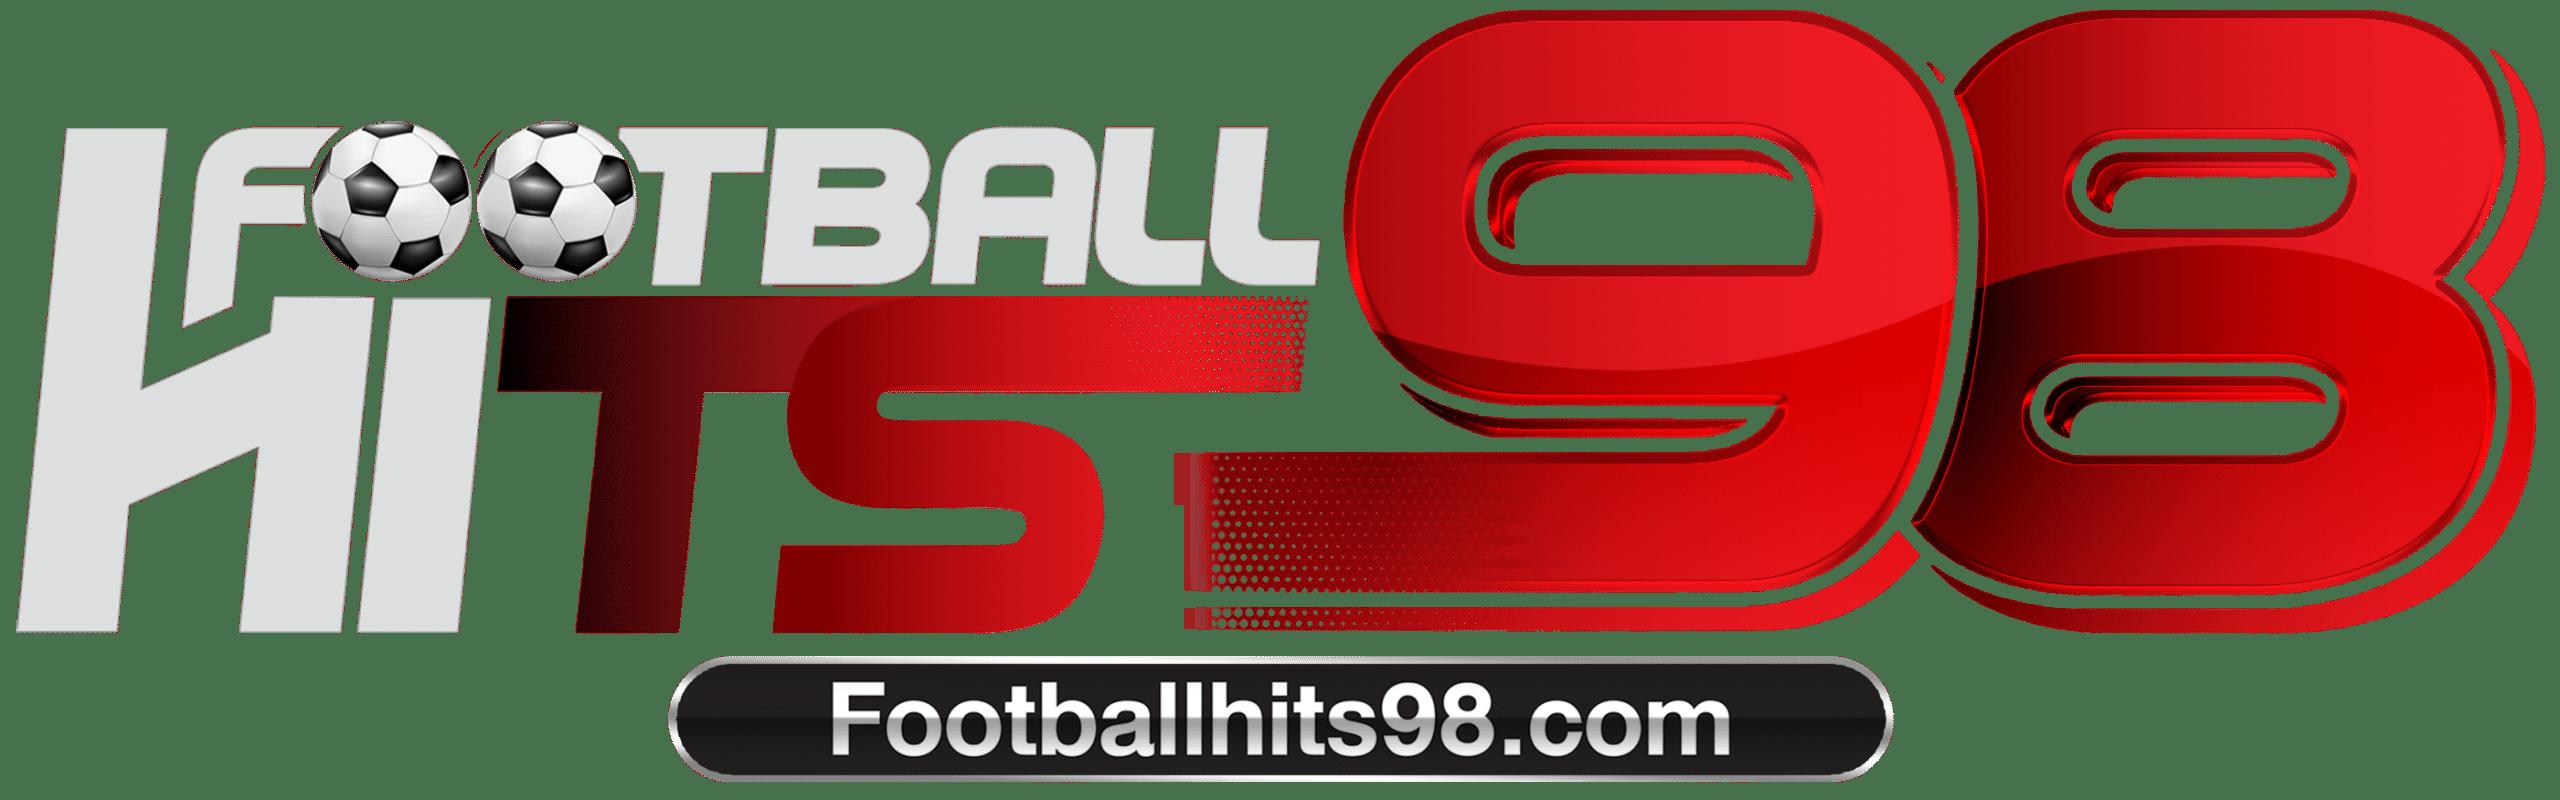 ข่าวกีฬา footballhits98